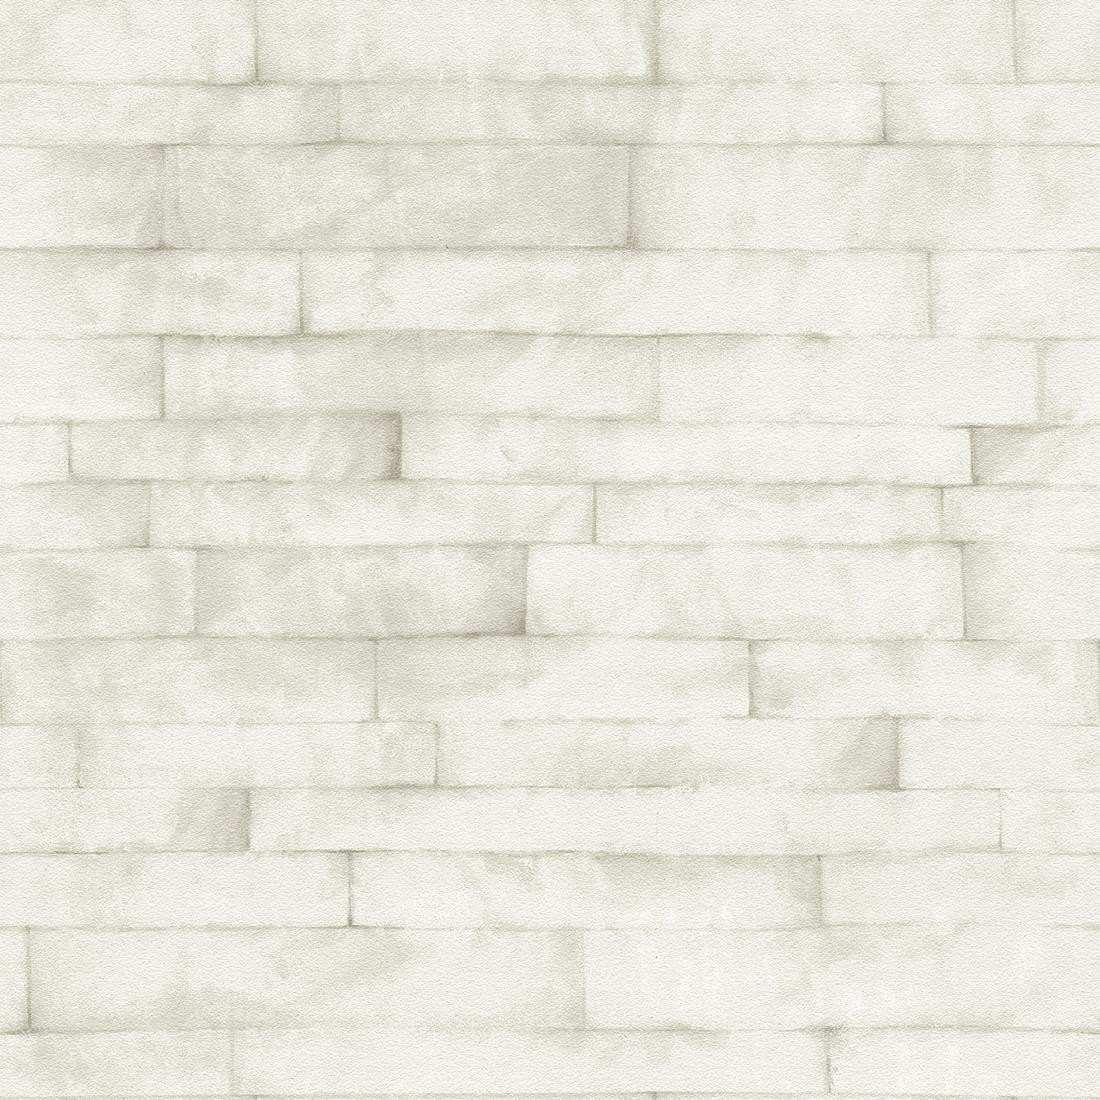 Papel De Parede Tijolo Tijolinhos Texturizado Lavavel R 199 90  ~ Papel De Parede Lavavel Para Quarto